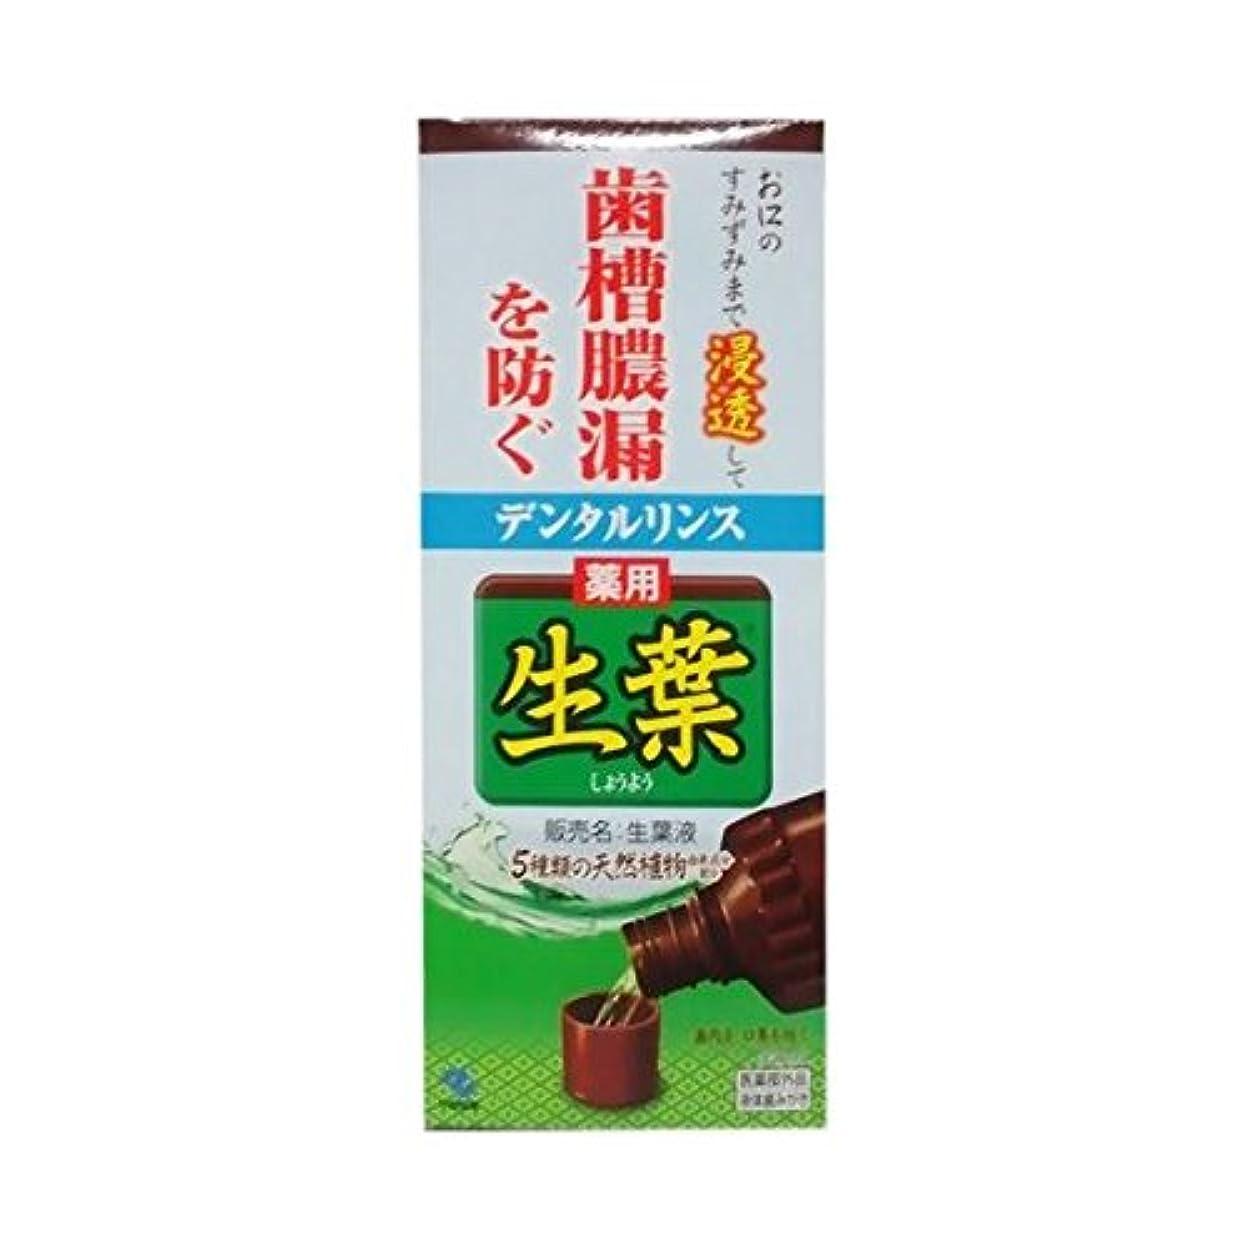 請求派手スーパー【お徳用 3 セット】 薬用 生葉液 330ml×3セット